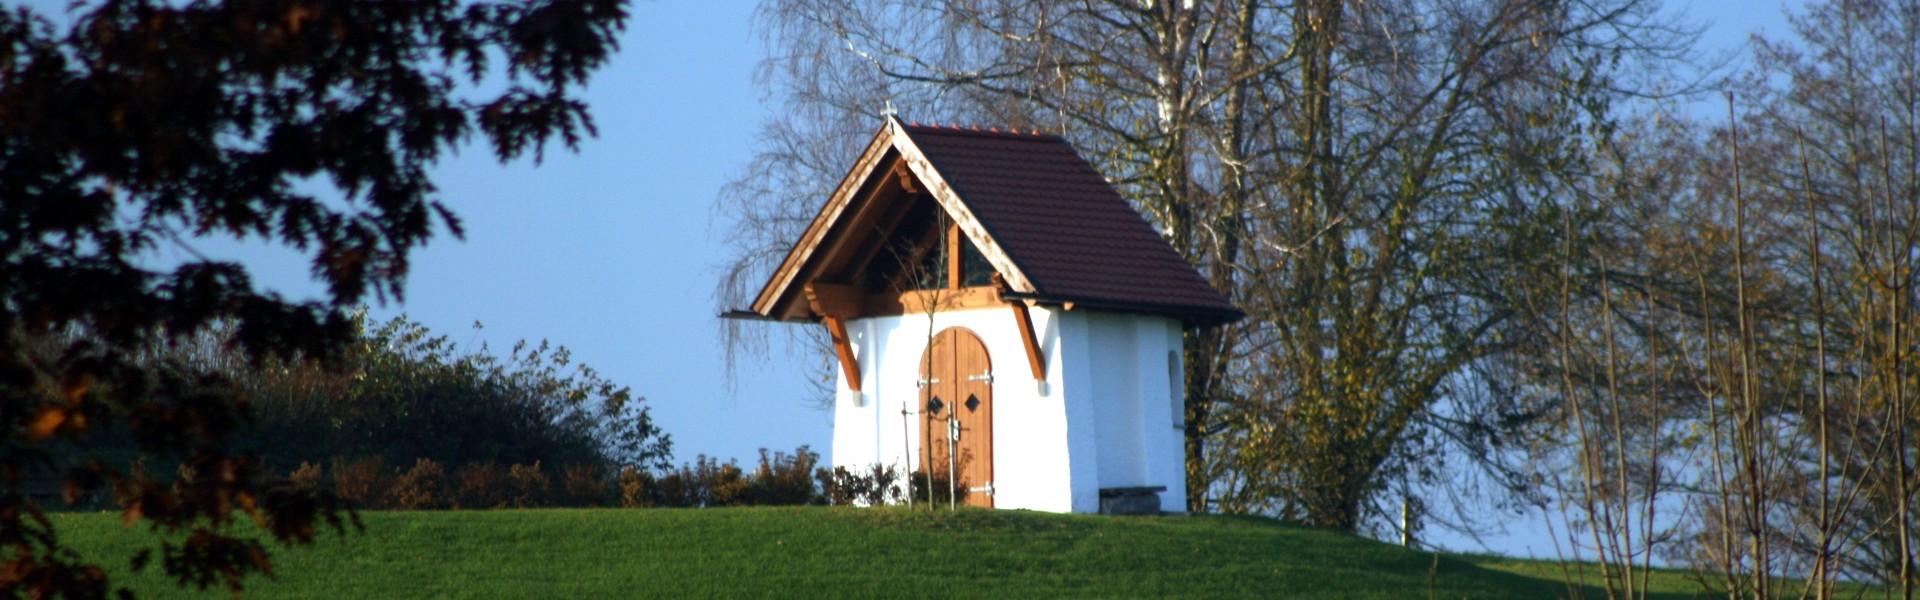 Kapelle in Raßbach